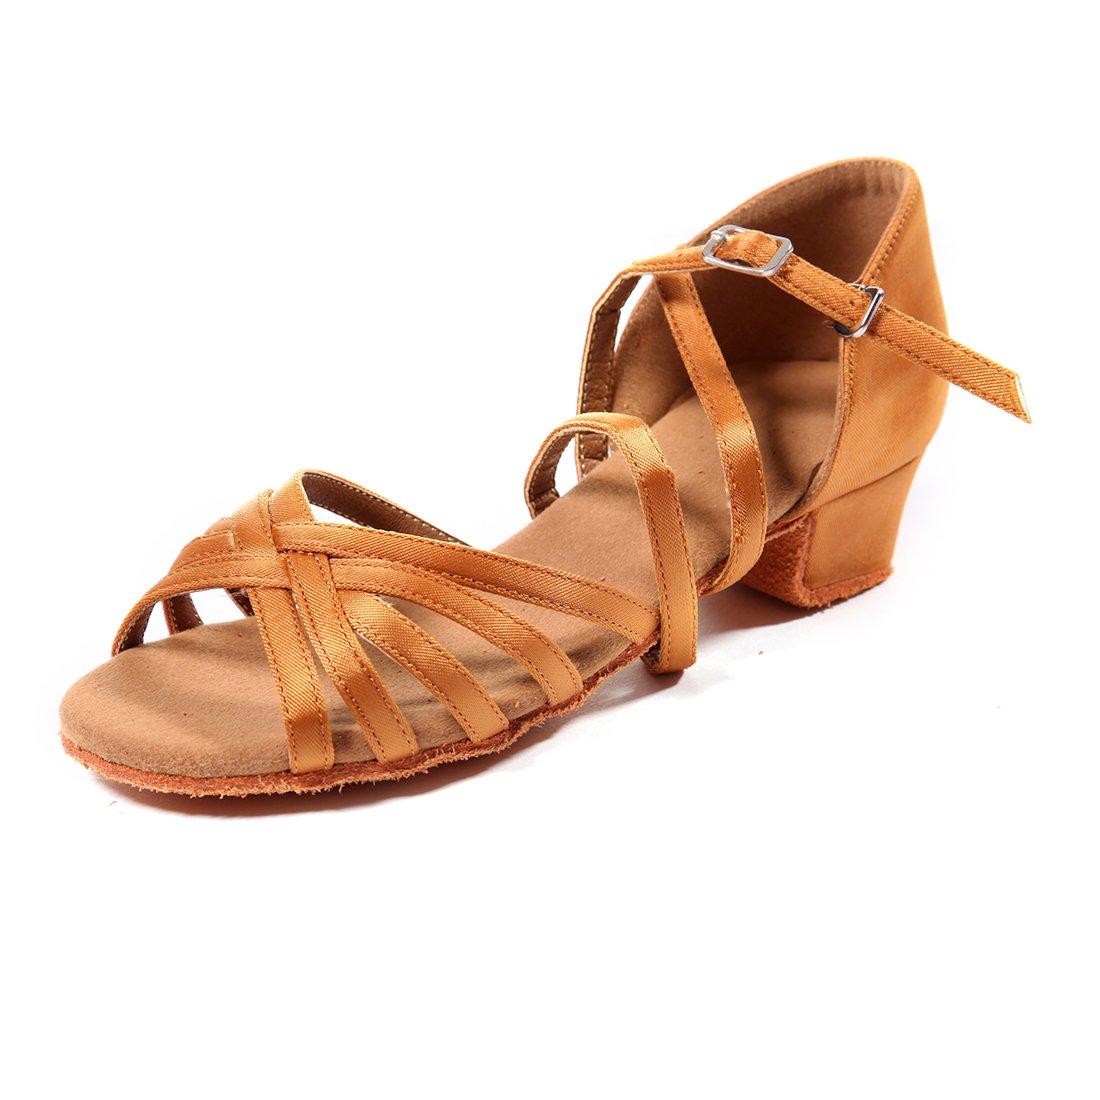 DoGeek Chausson Danse Latine 2.7cm Chaussure de Danse Latine Sandales pour la Danse Latine/Moderne / Samba/Chacha/Corrida Légères Lanière de Cheville Boucle Chaussures FR-DG-G-latinshoes